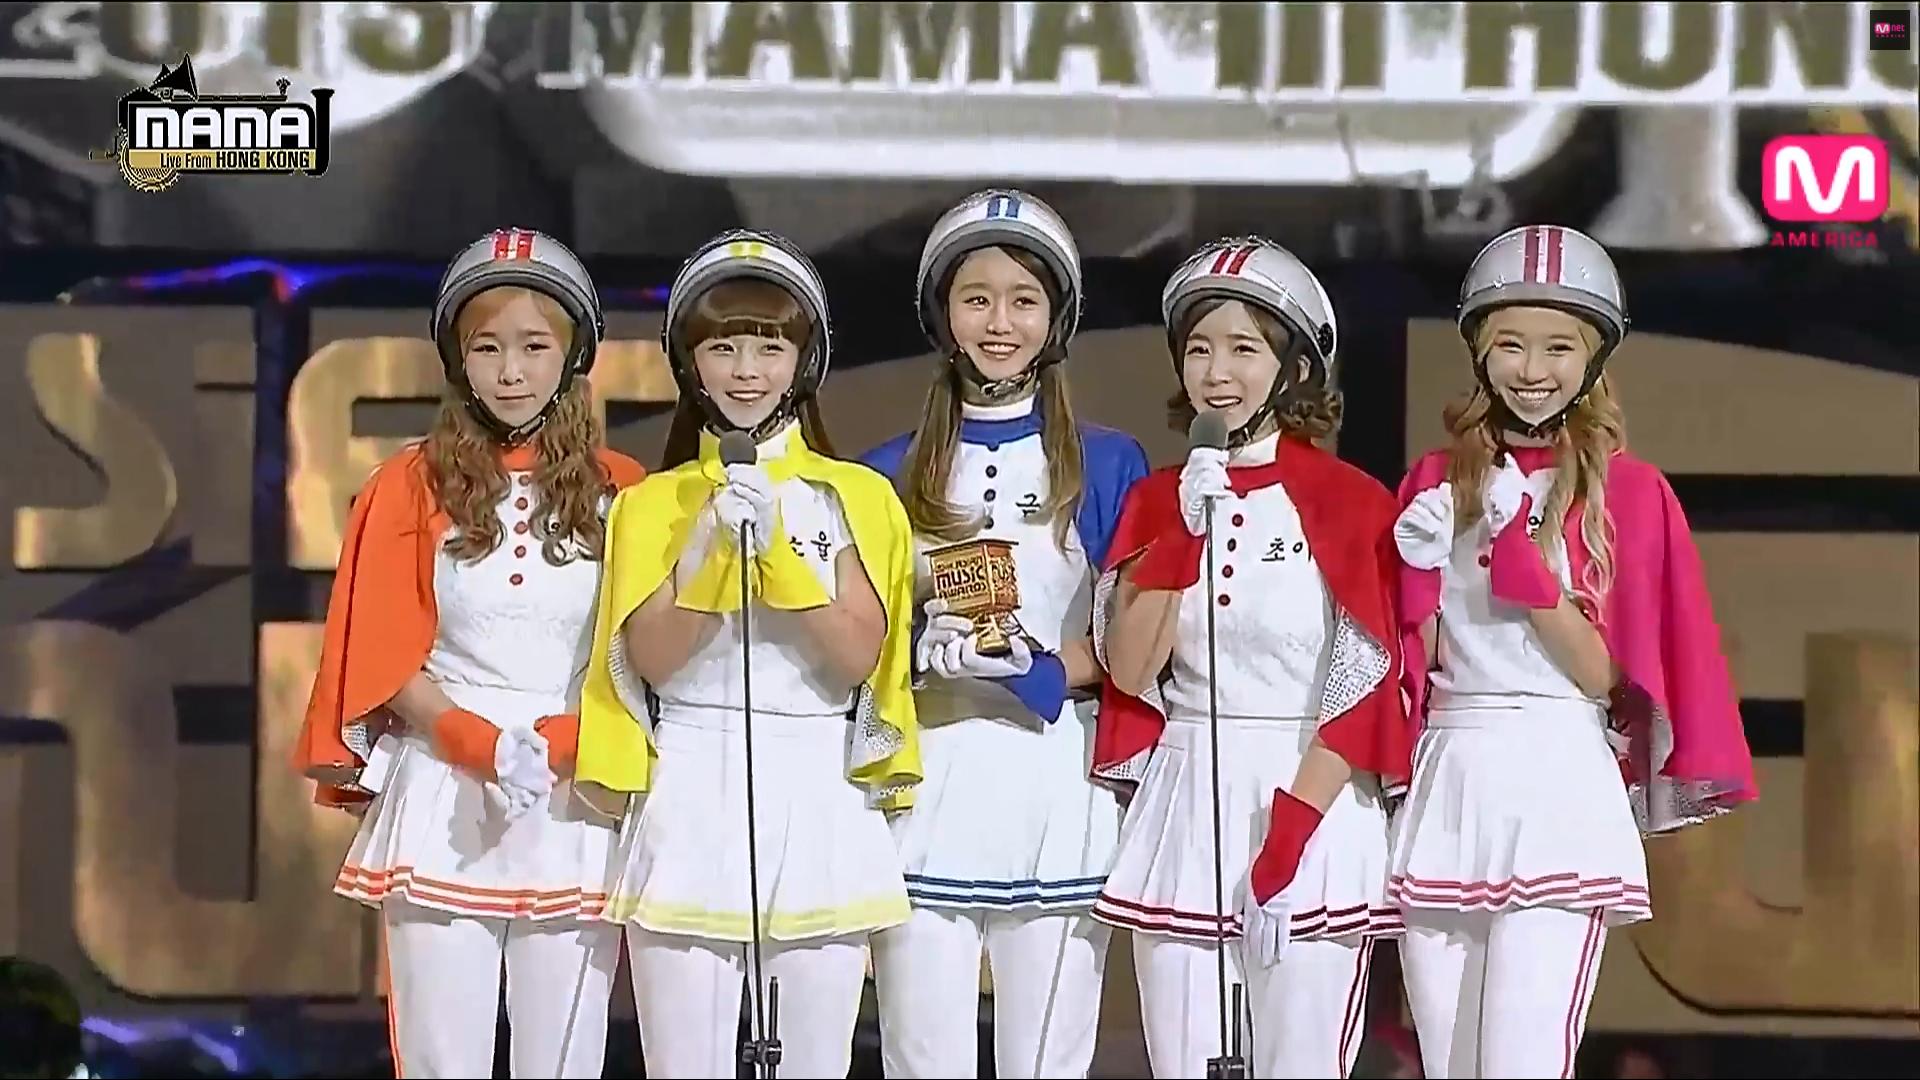 Những trang phục biểu diễn của sao Hàn khiến fan hoang mang: Họ lấy đâu ra dũng khí để mặc như vậy? - Ảnh 3.